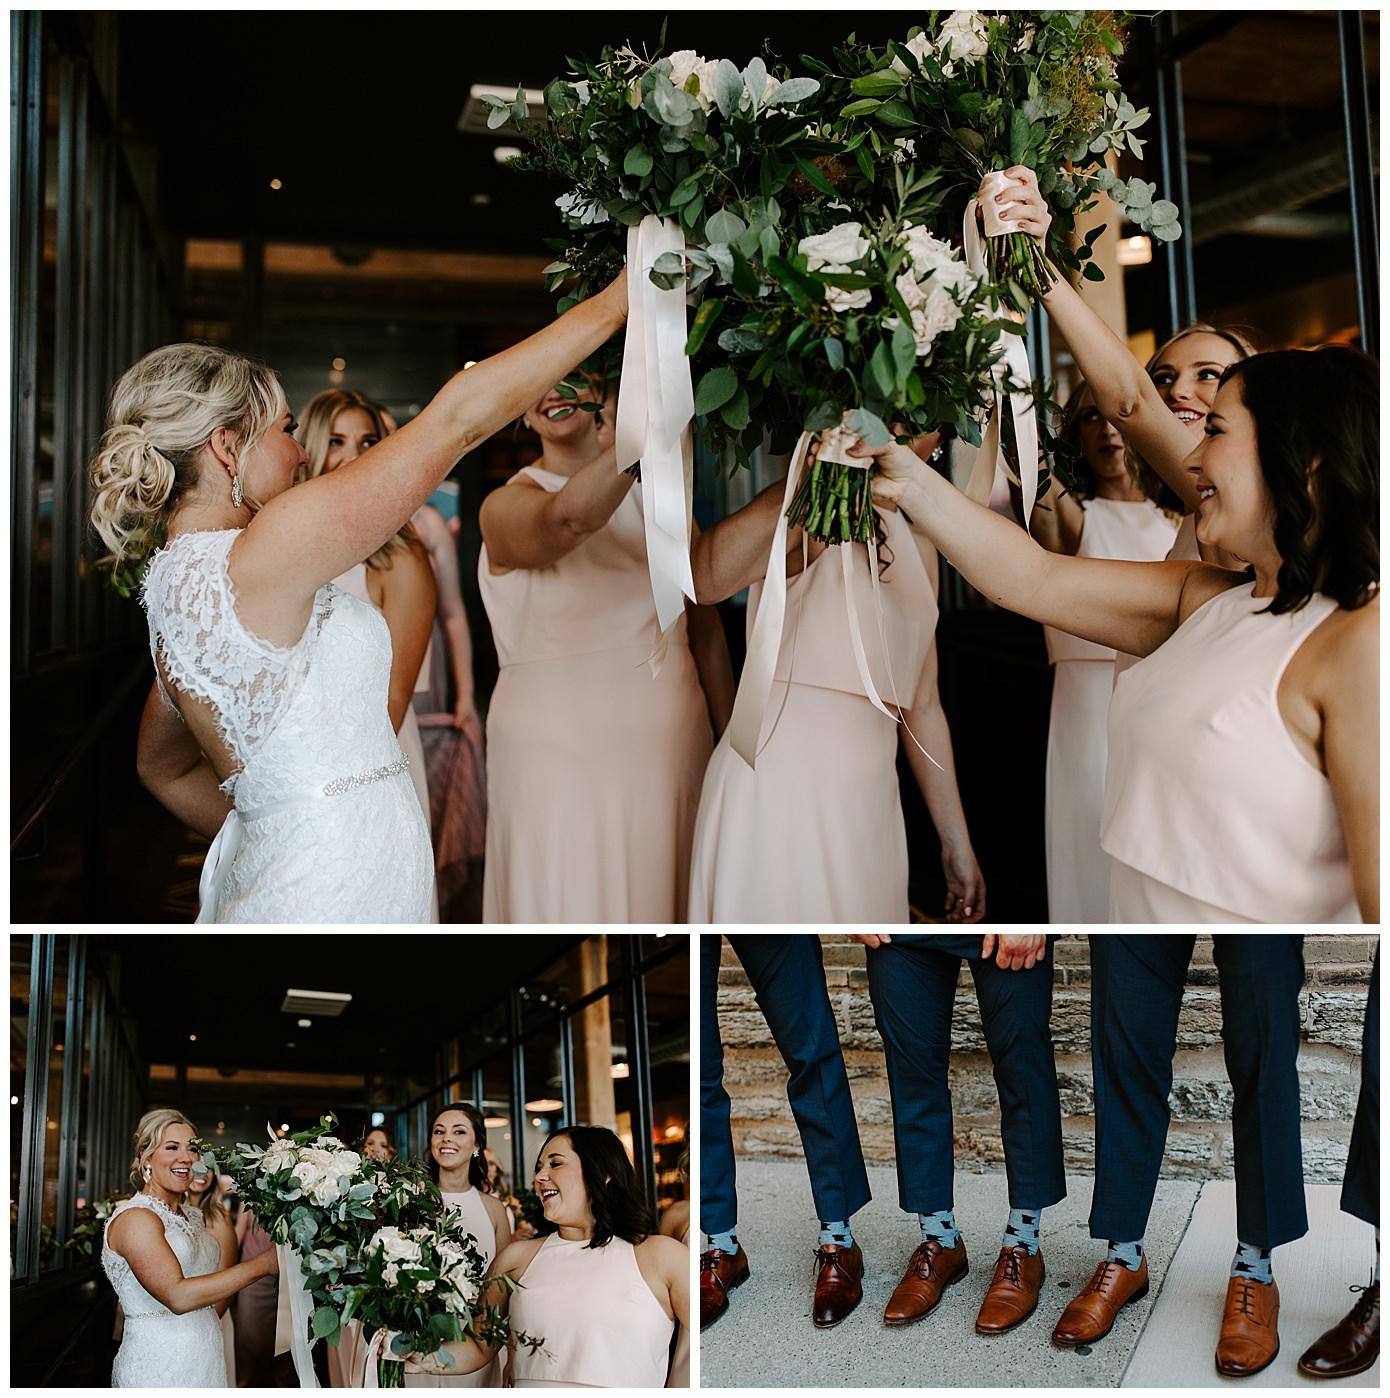 lumber exchange wedding minneapolis mn_0356.jpg